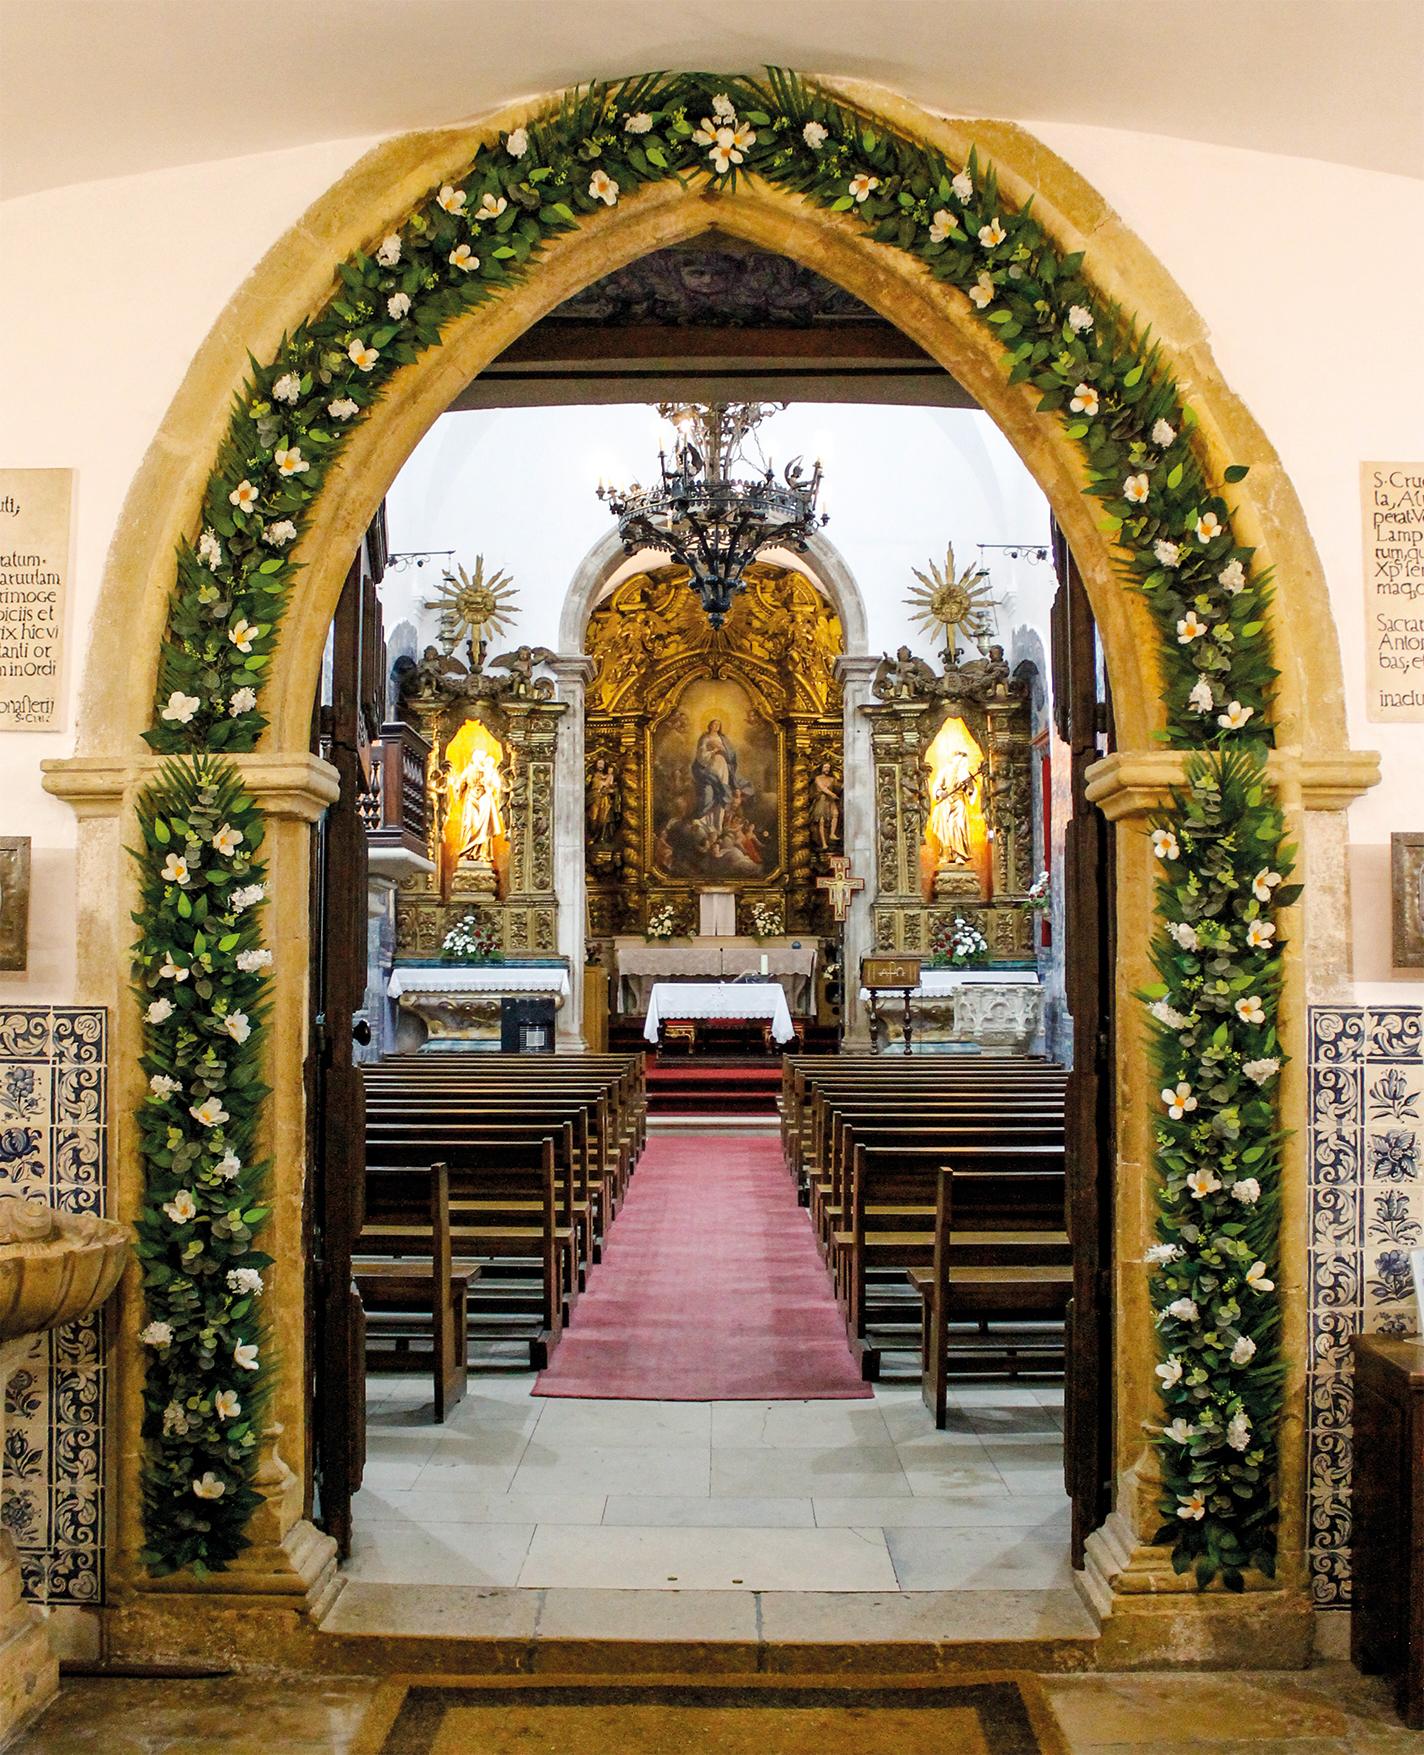 Porta Santa do Jubileu dos 800 anos da Vocação Franciscana de Santo António, na Igreja de Santo António dos Olivais, Coimbra